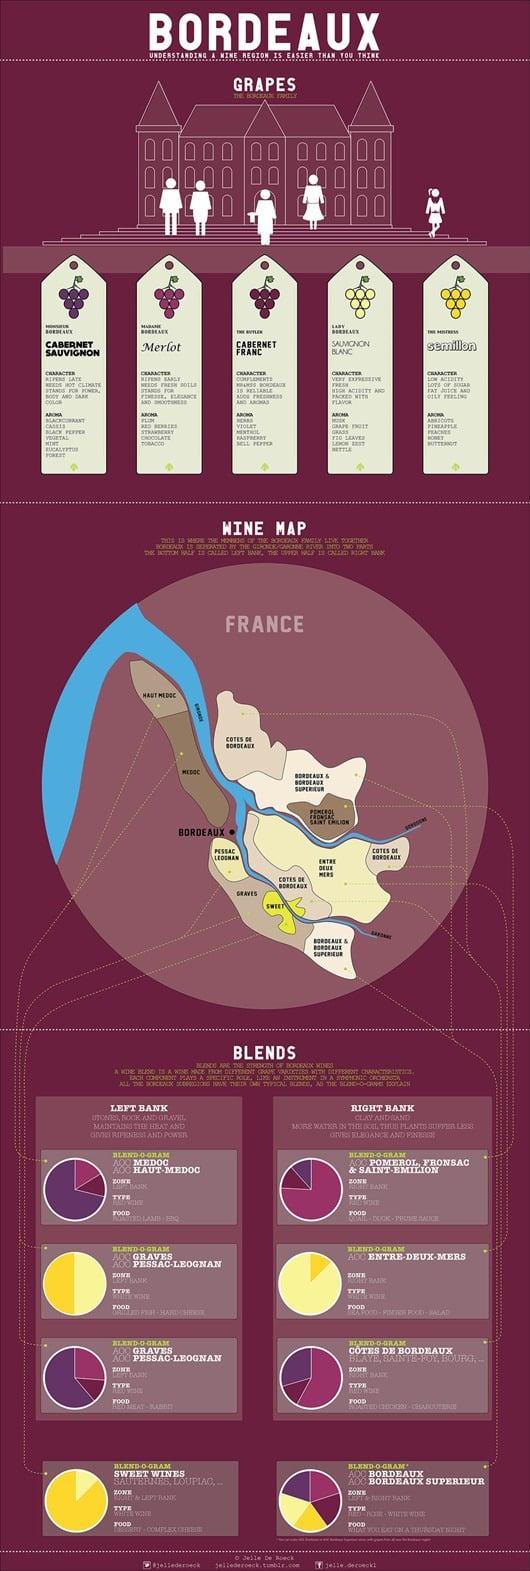 understanding-bordeaux-wine-infographic